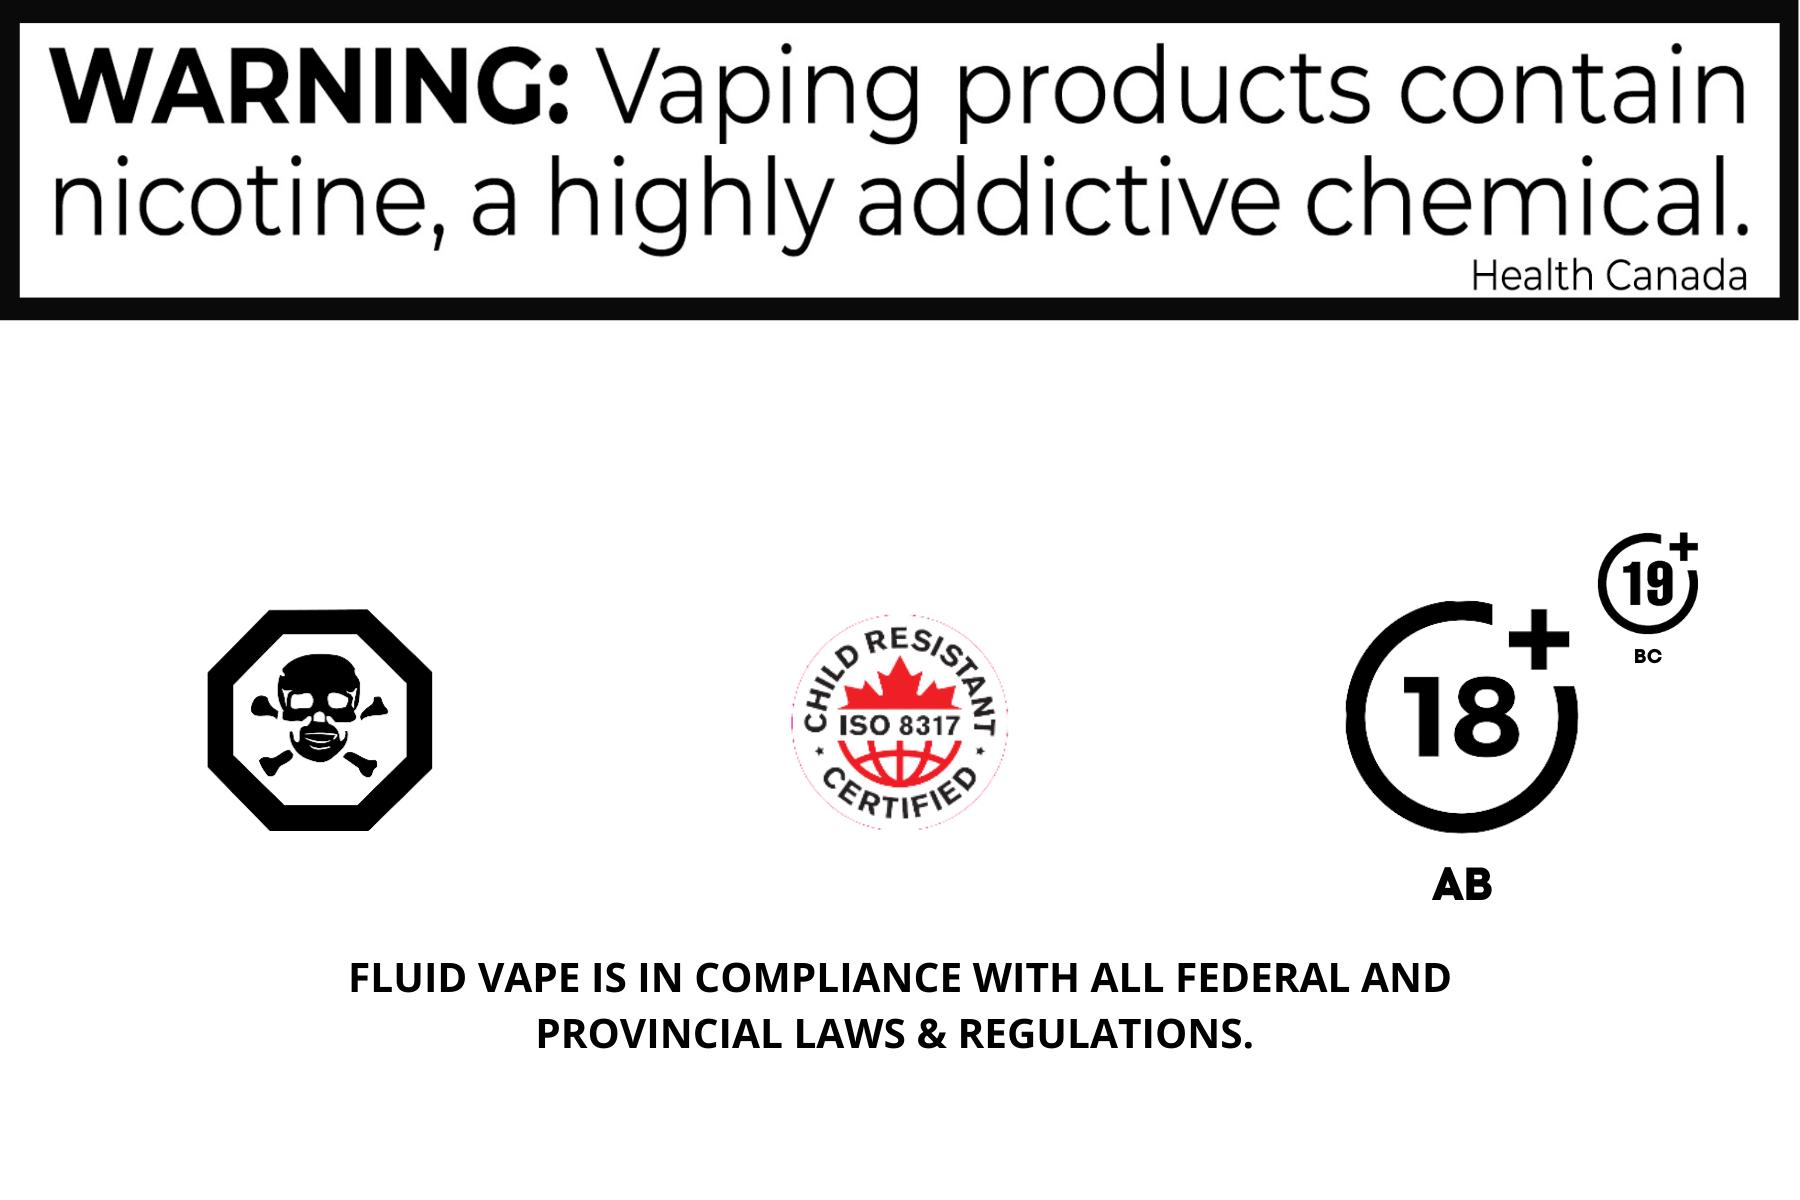 Canada Health WARNING